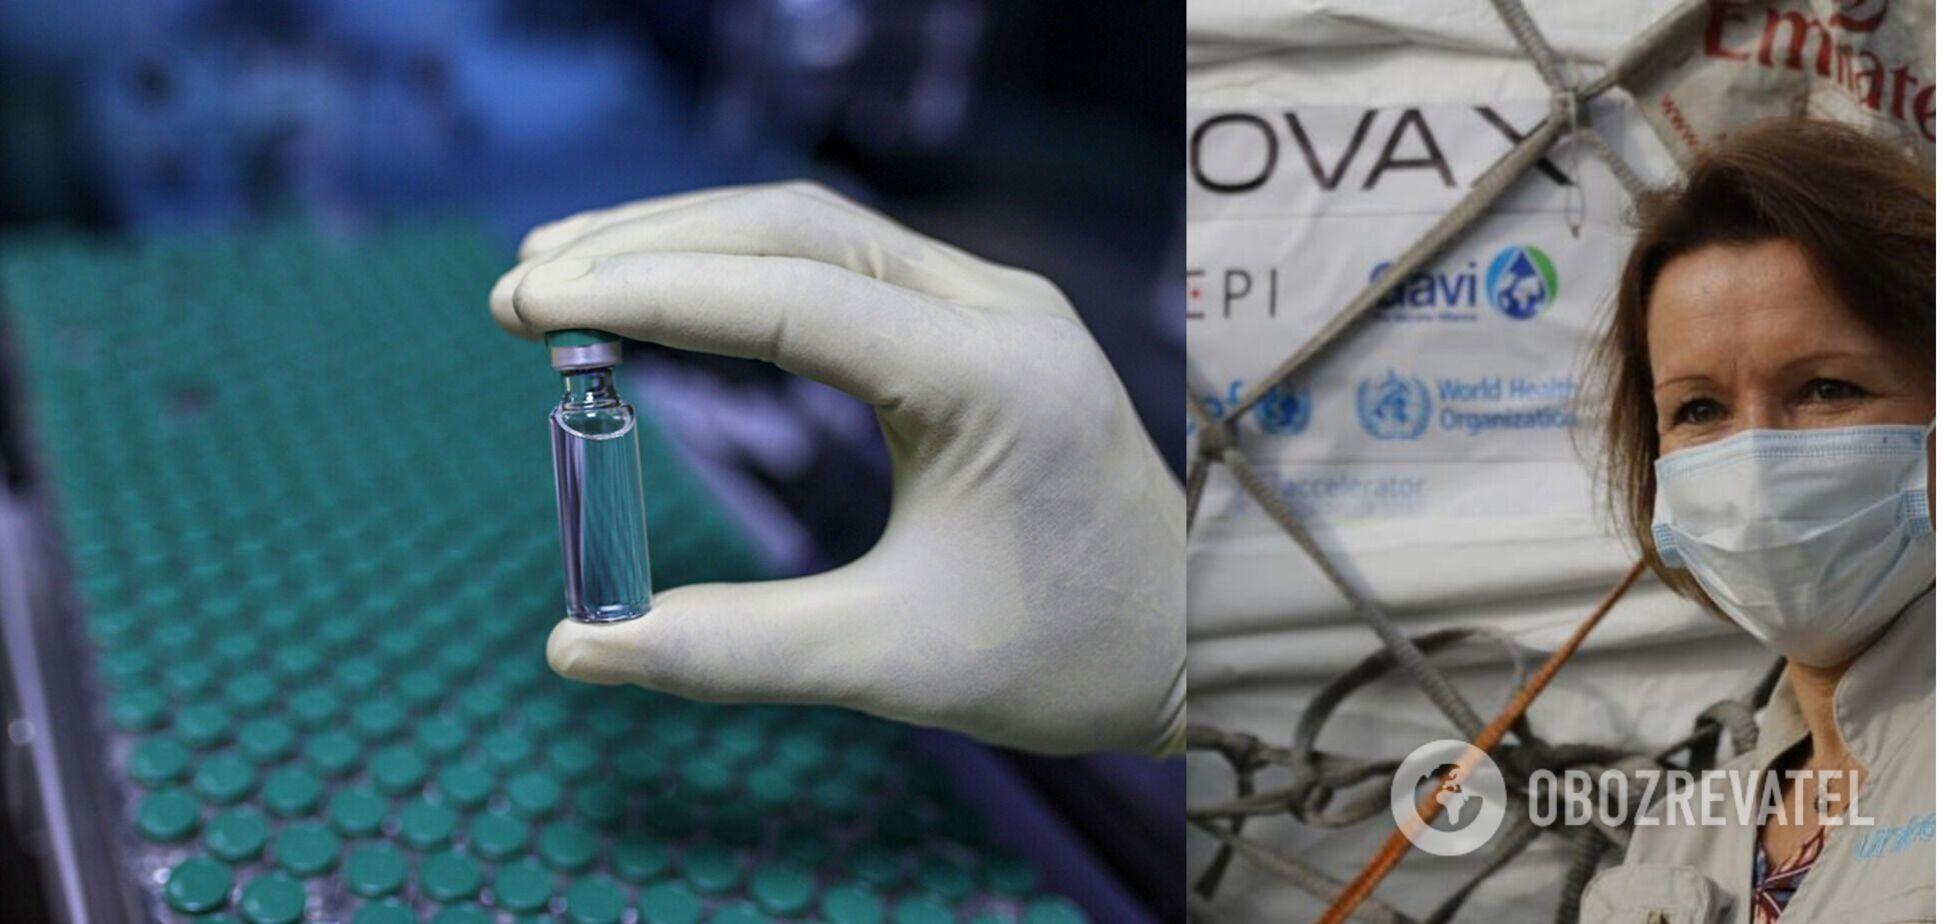 Перша країна вже отримала вакцину за програмою COVAX